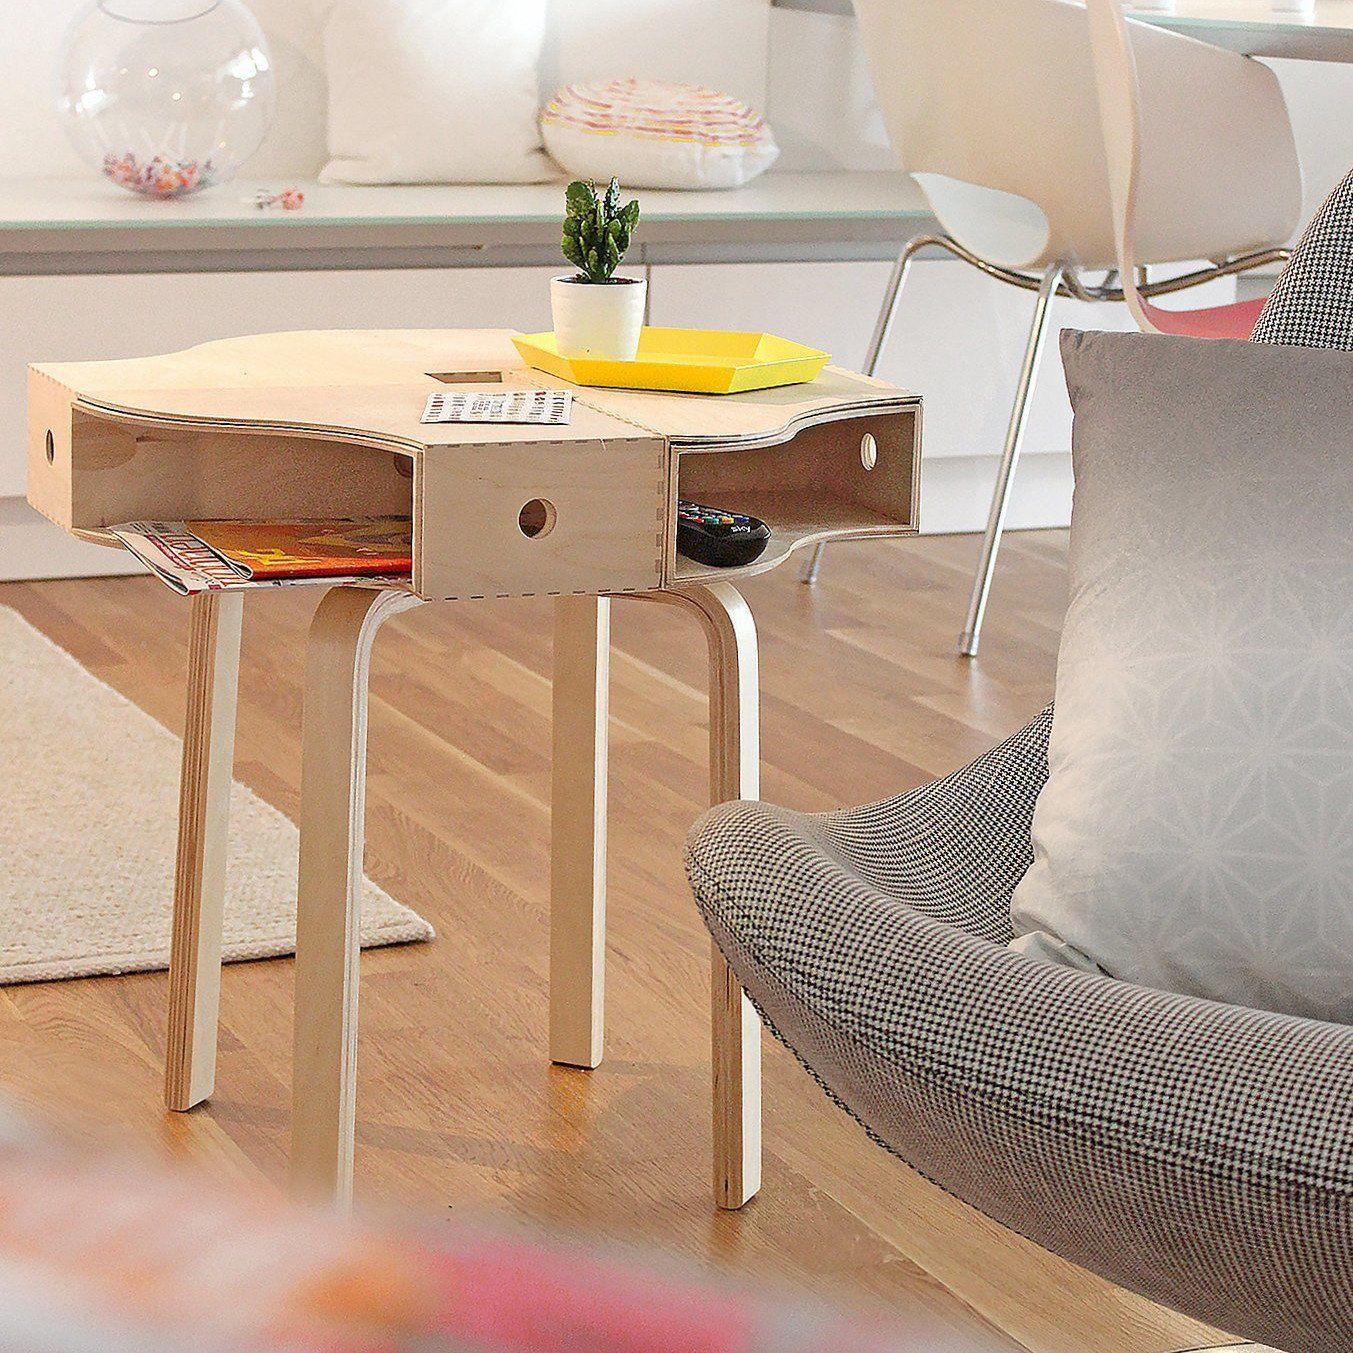 Full Size of Besten Ideen Fr Ikea Hacks Küche Bodenbelag Jalousieschrank Landhaus Planen Moderne Landhausküche Aufbewahrungsbehälter Fliesen Für Ohne Geräte Vorhänge Wohnzimmer Eckbank Küche Ikea